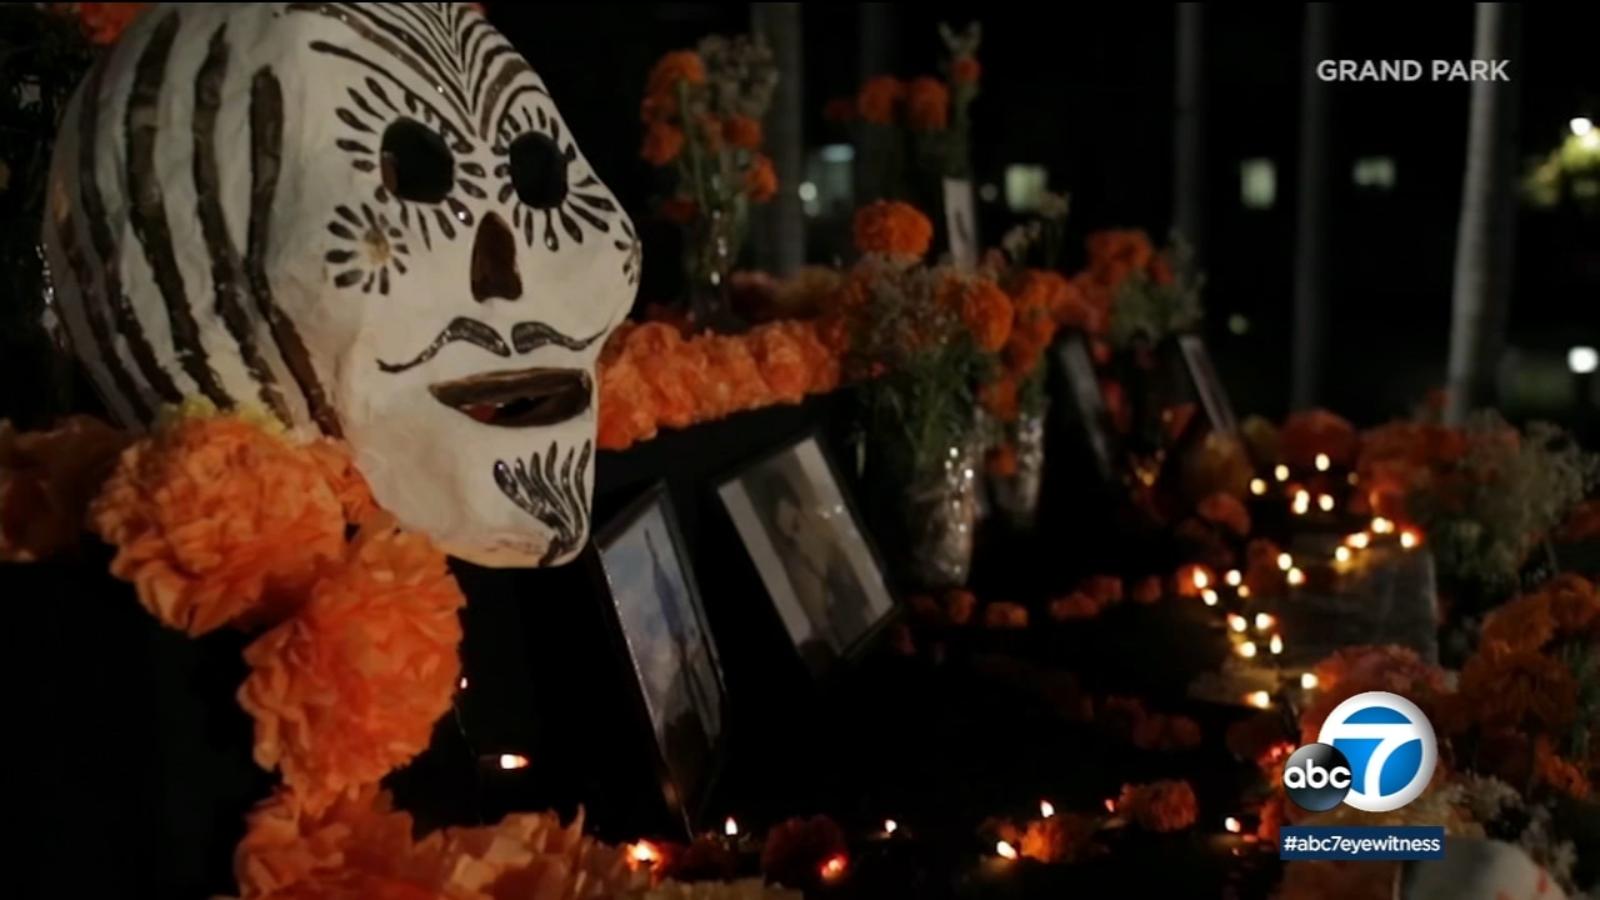 Dia de Los Muertos  - Page 3 7284631_102320-kabc-4p-grand-park-day-of-dead-vid